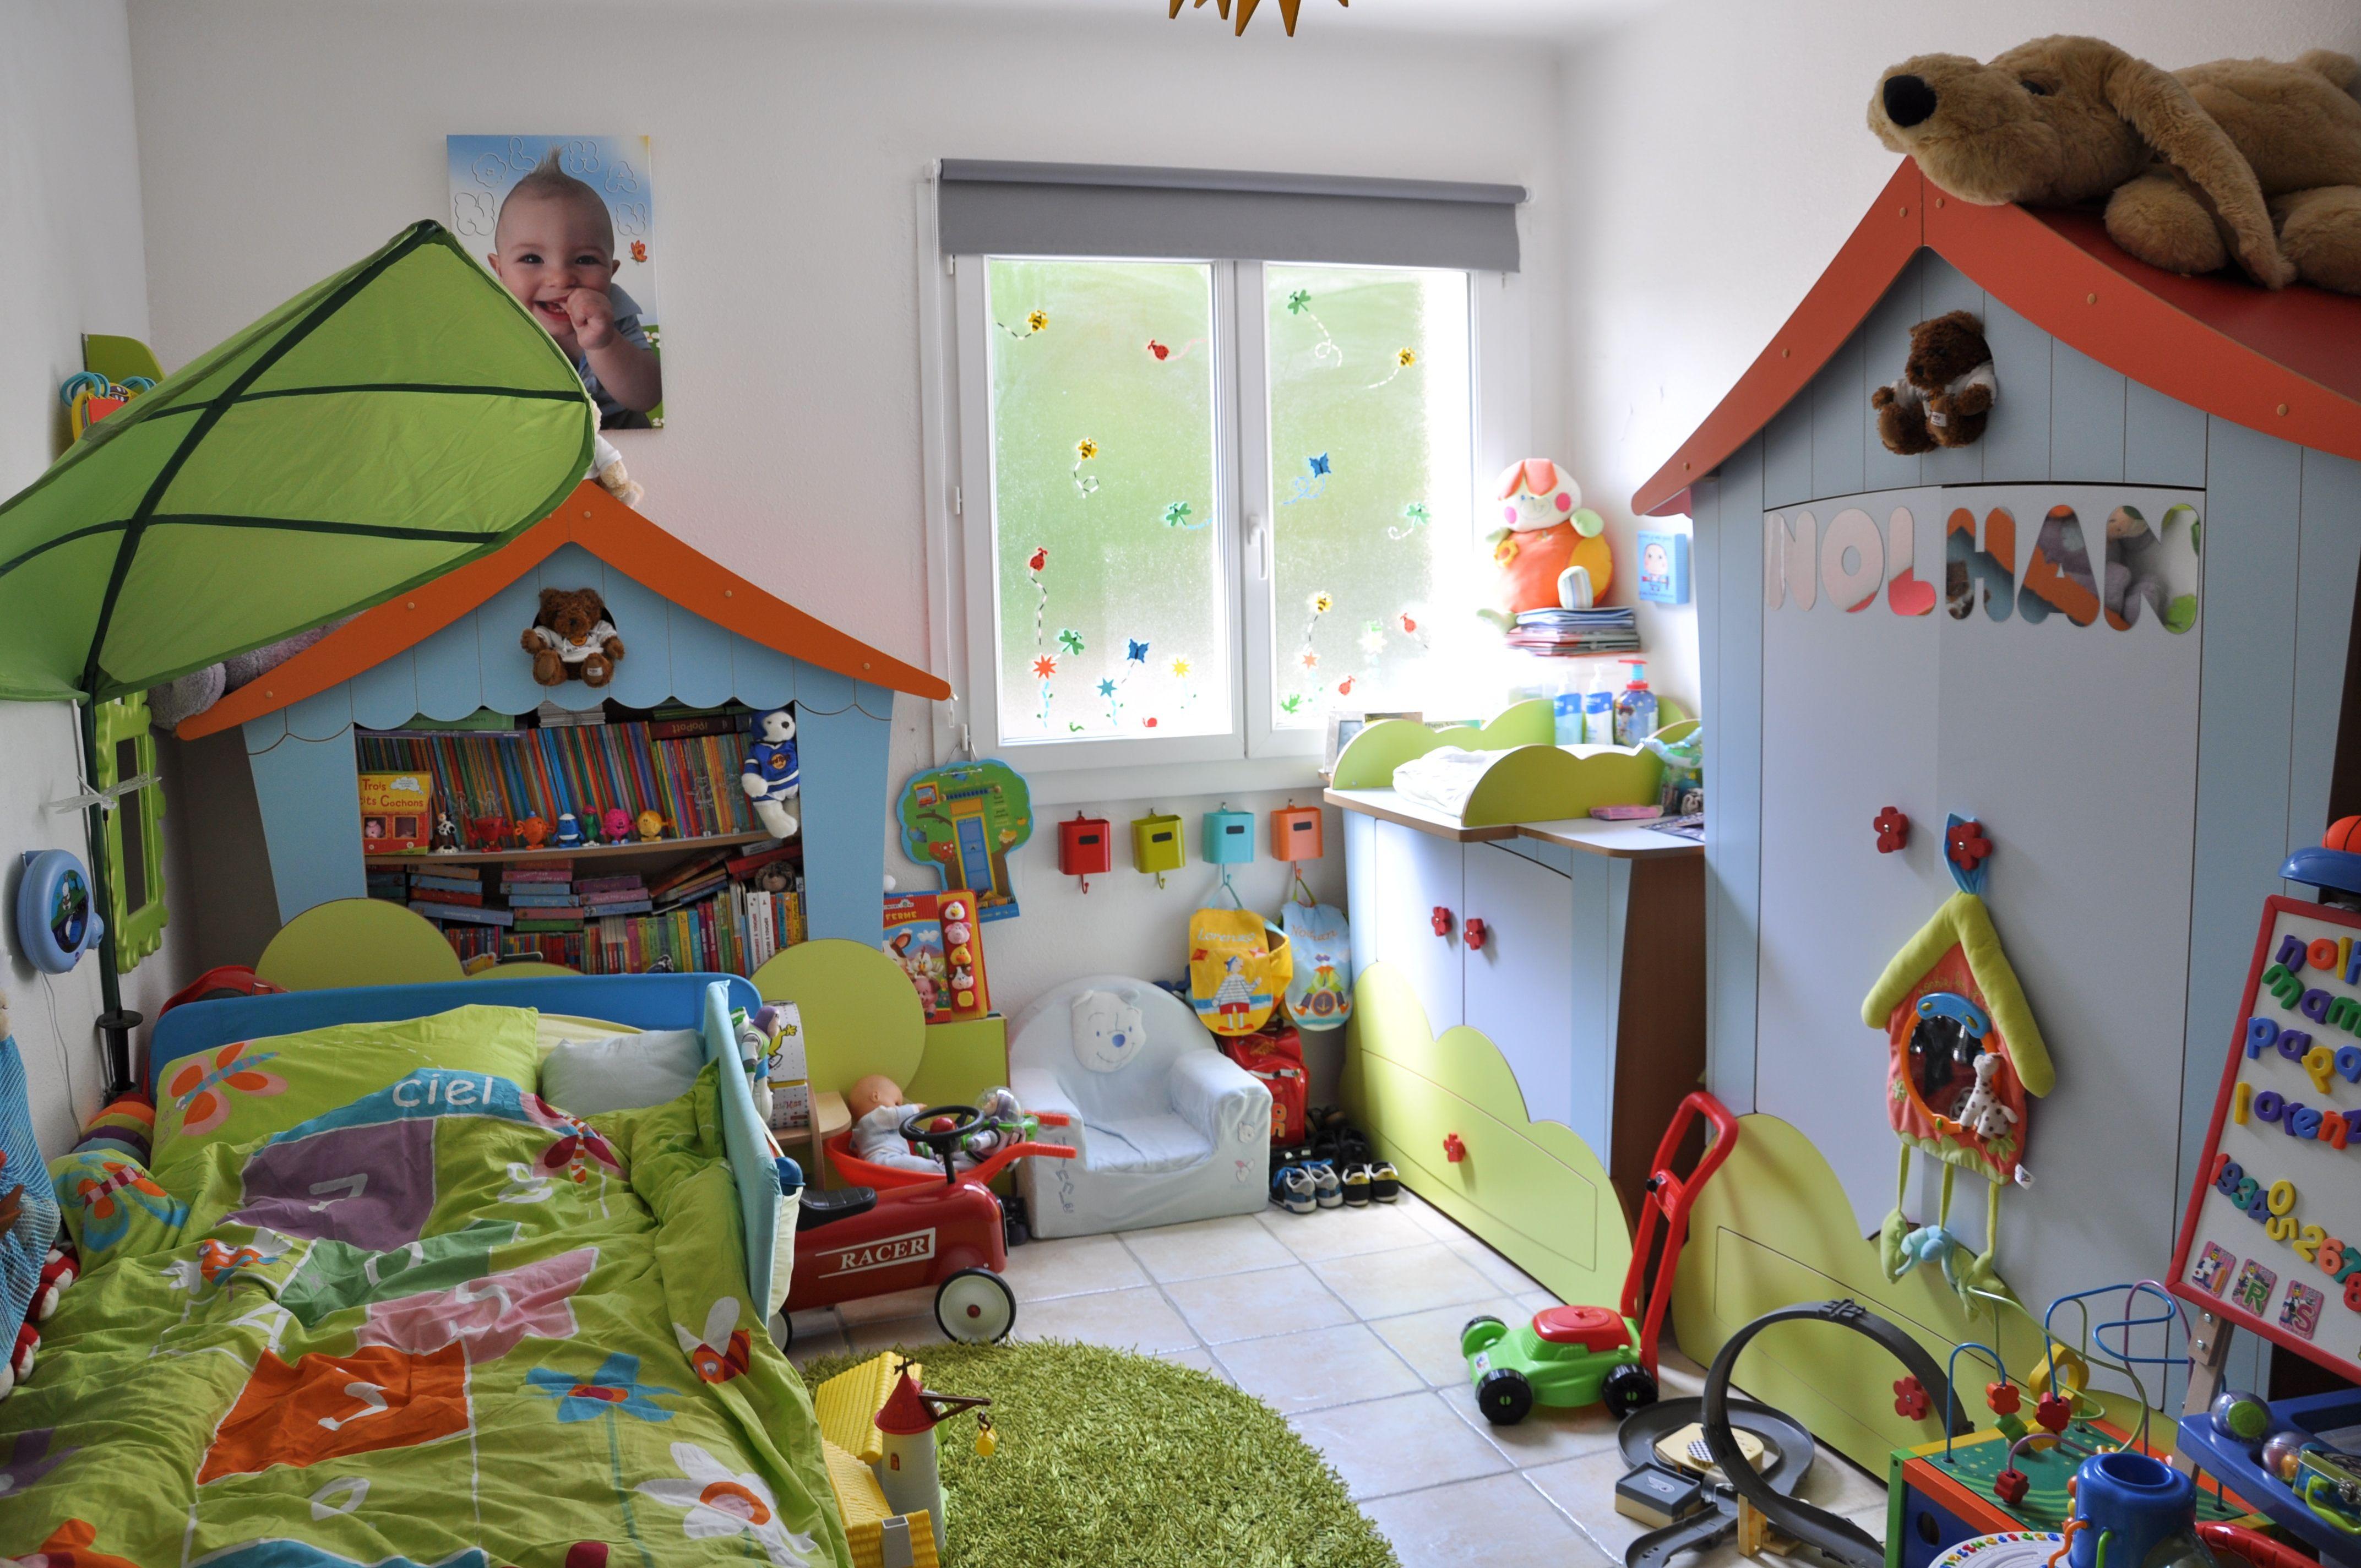 Idée déco chambre bébé 2 ans - Idées de tricot gratuit